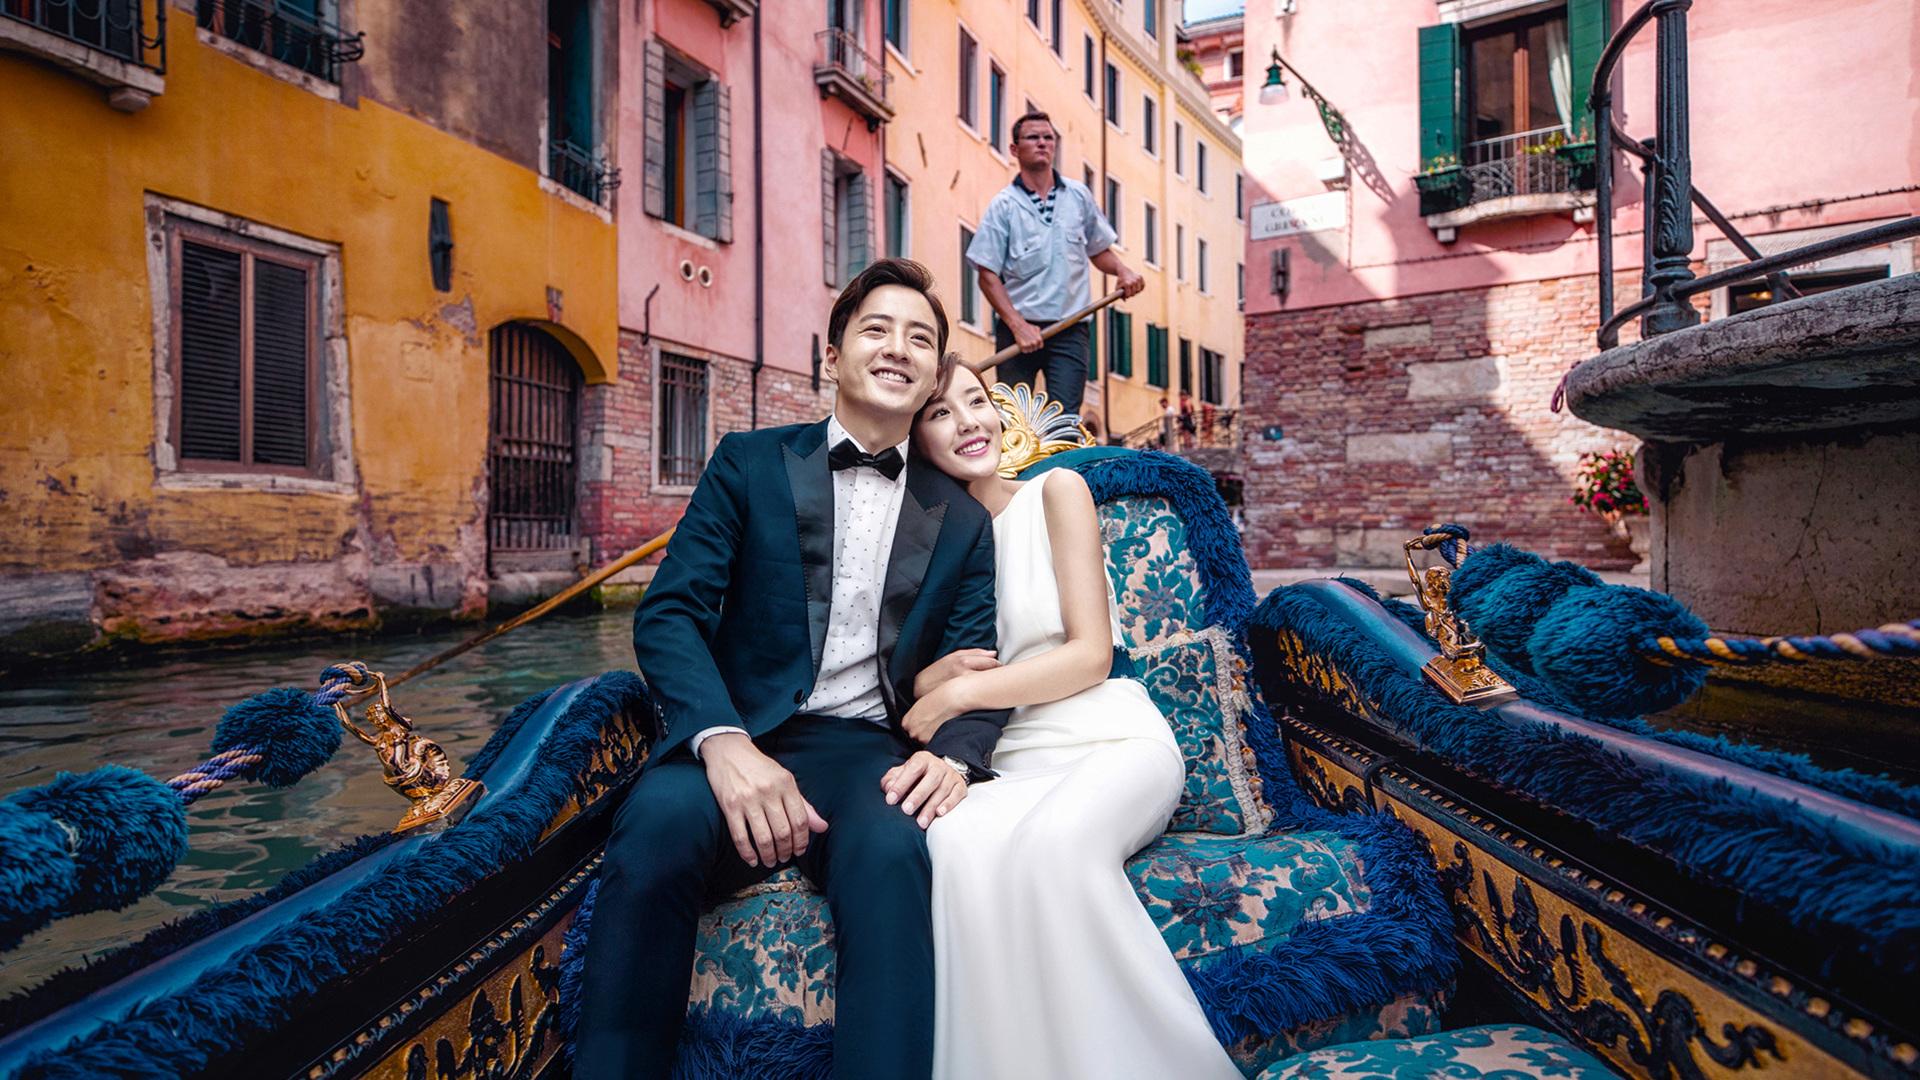 1月份厦门拍婚纱照冷吗 厦门适合拍婚纱照的景点有哪些